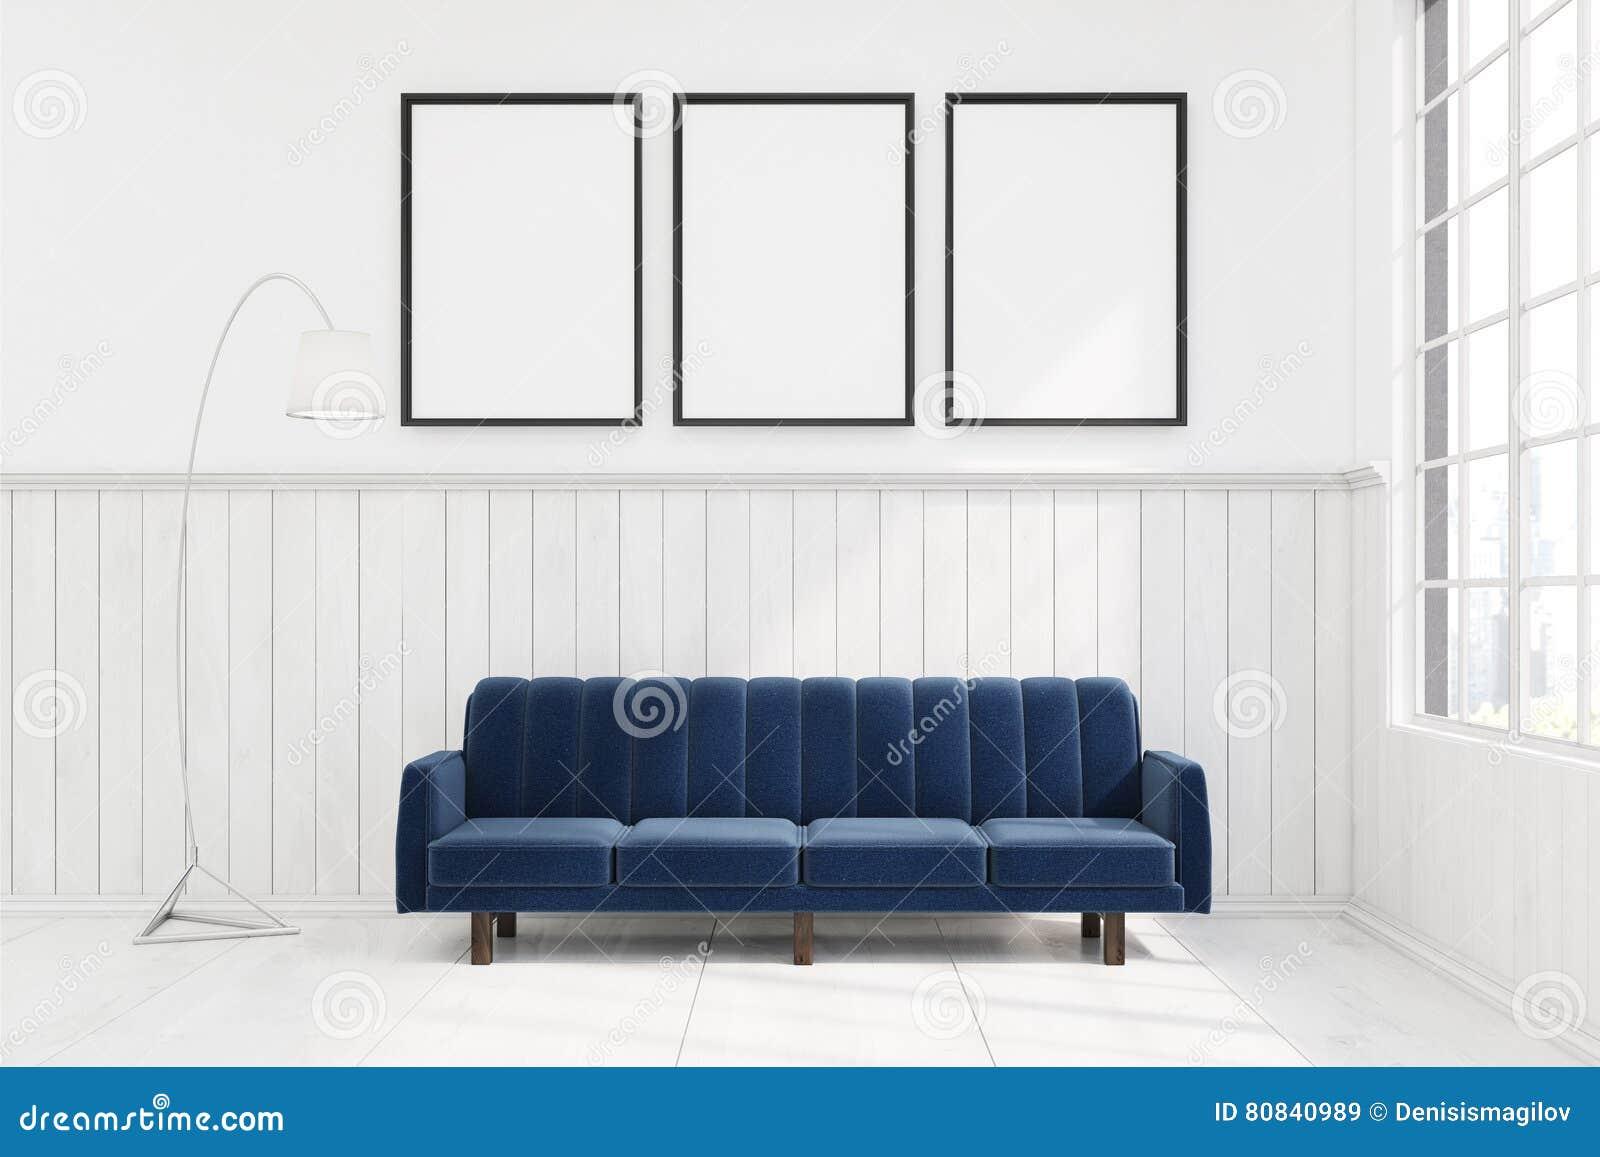 Bed En Bank Ineen.Donkerblauwe Bank In Een Ruimte Met Drie Affiches Stock Illustratie